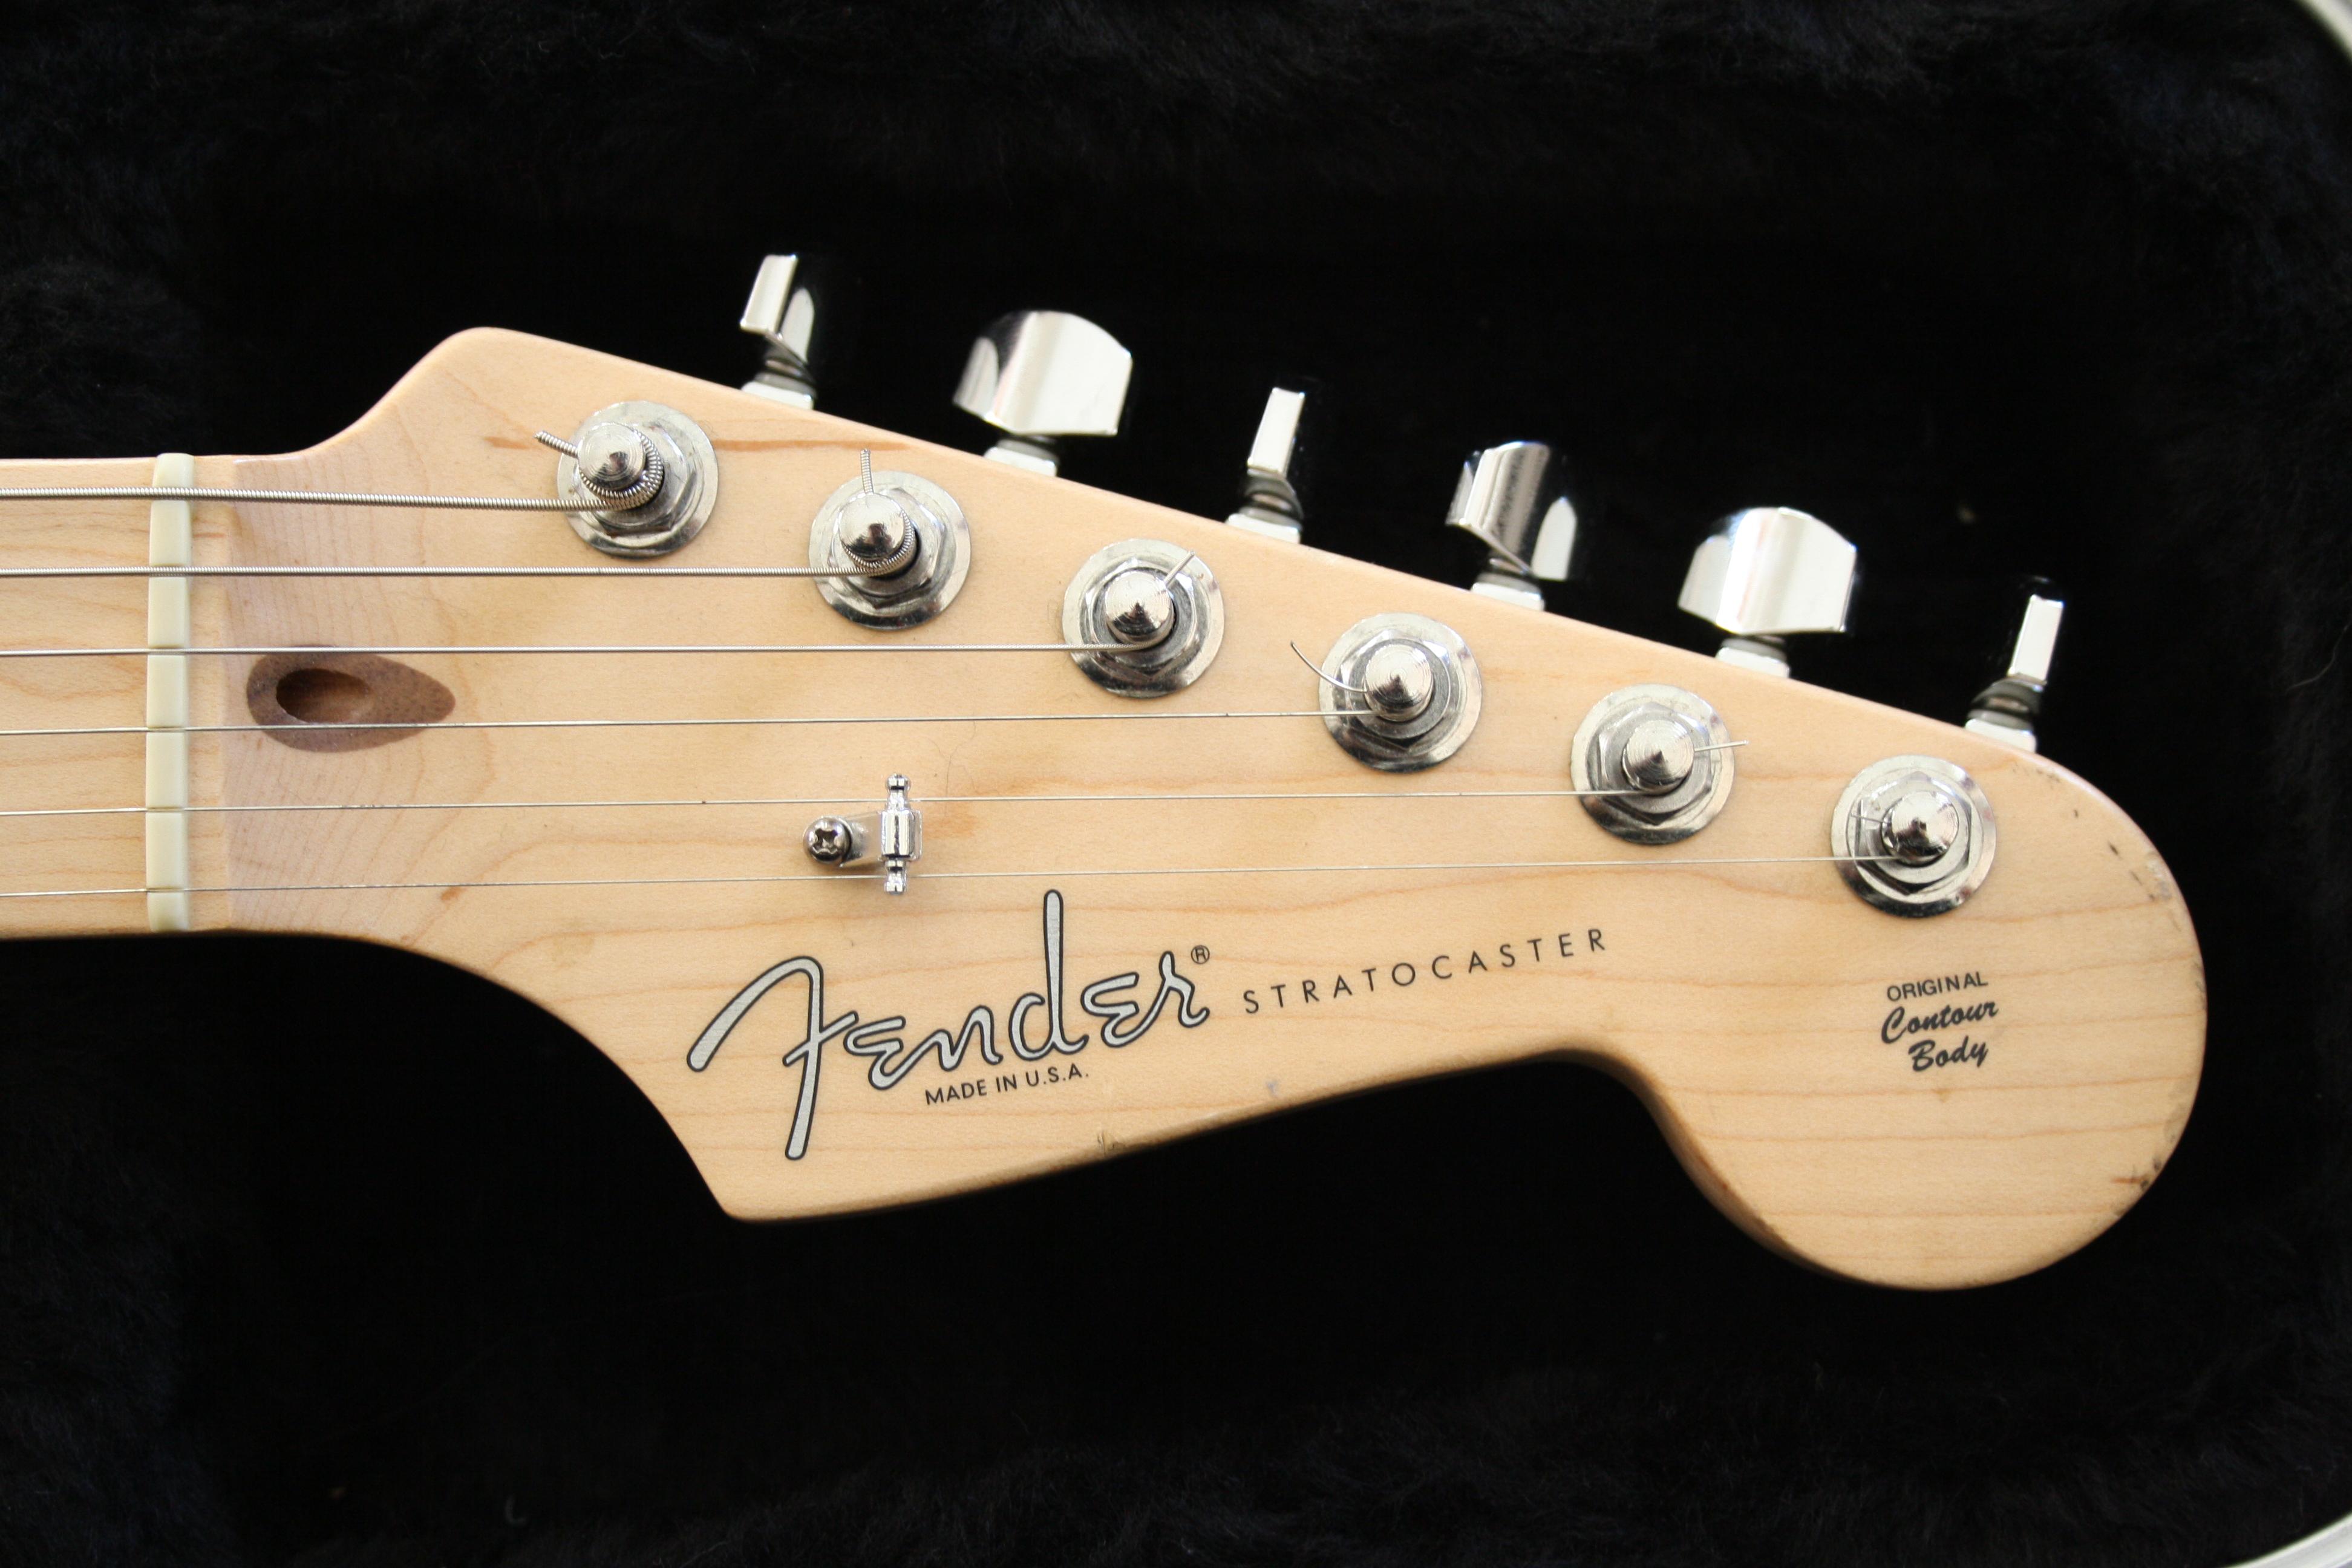 fender american standard stratocaster 2008 2012 image 479014 audiofanzine. Black Bedroom Furniture Sets. Home Design Ideas